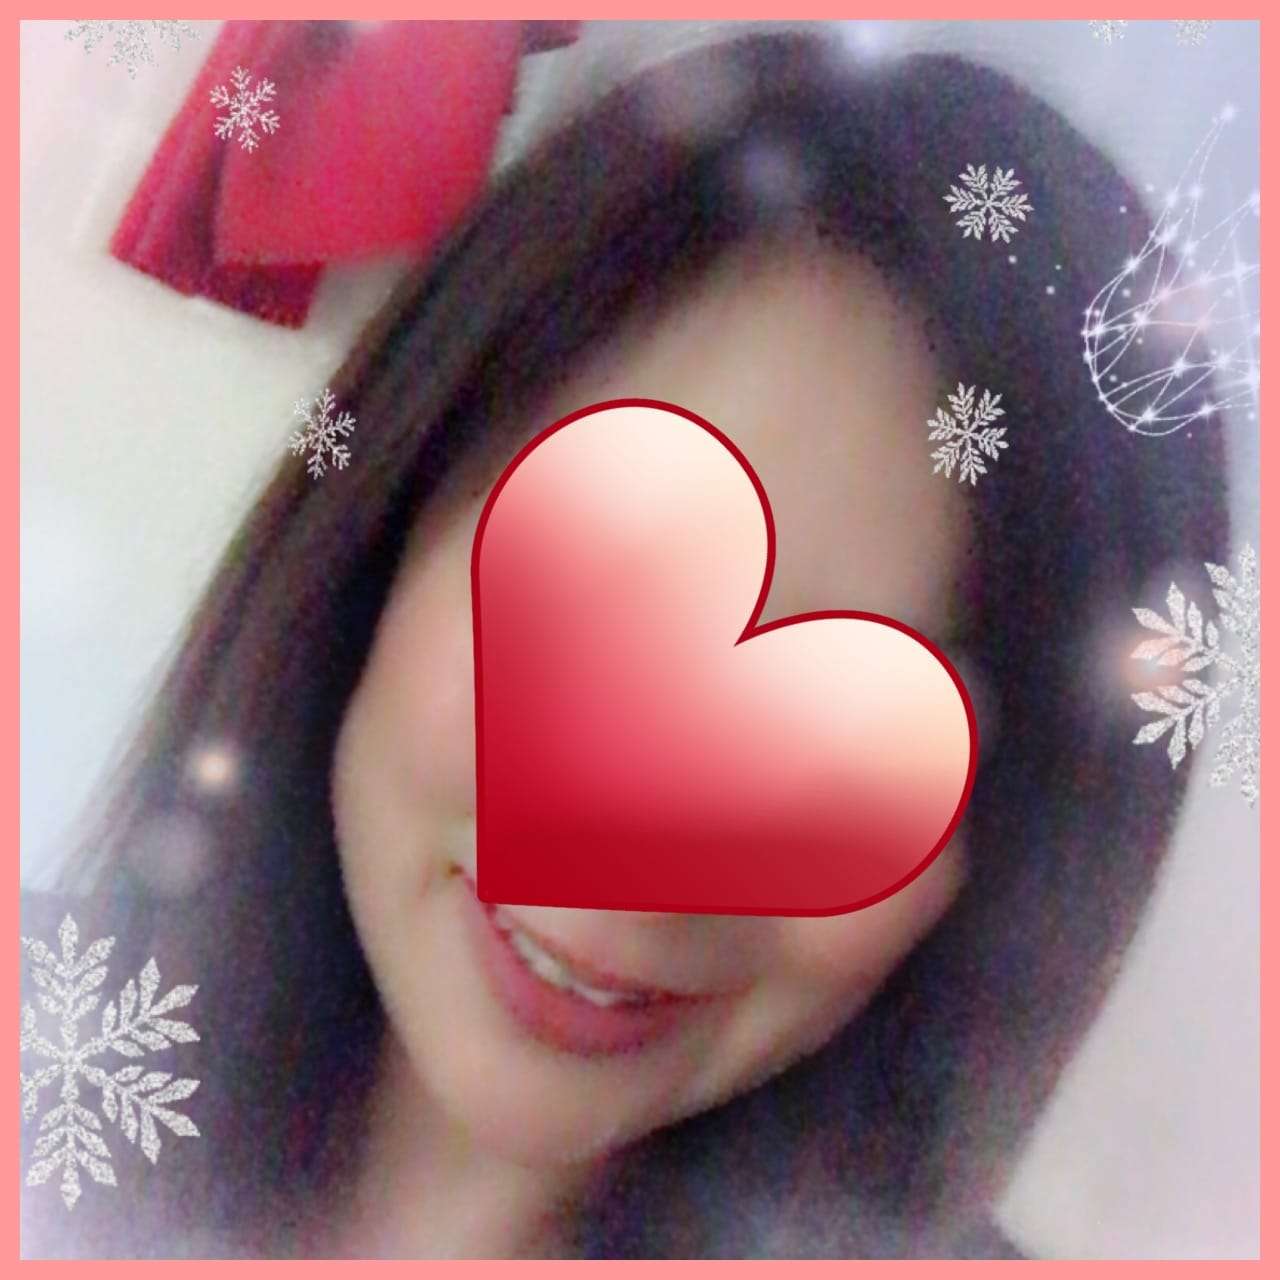 りか「とってもうれしいです(*´`*)」01/16(火) 21:54 | りかの写メ・風俗動画